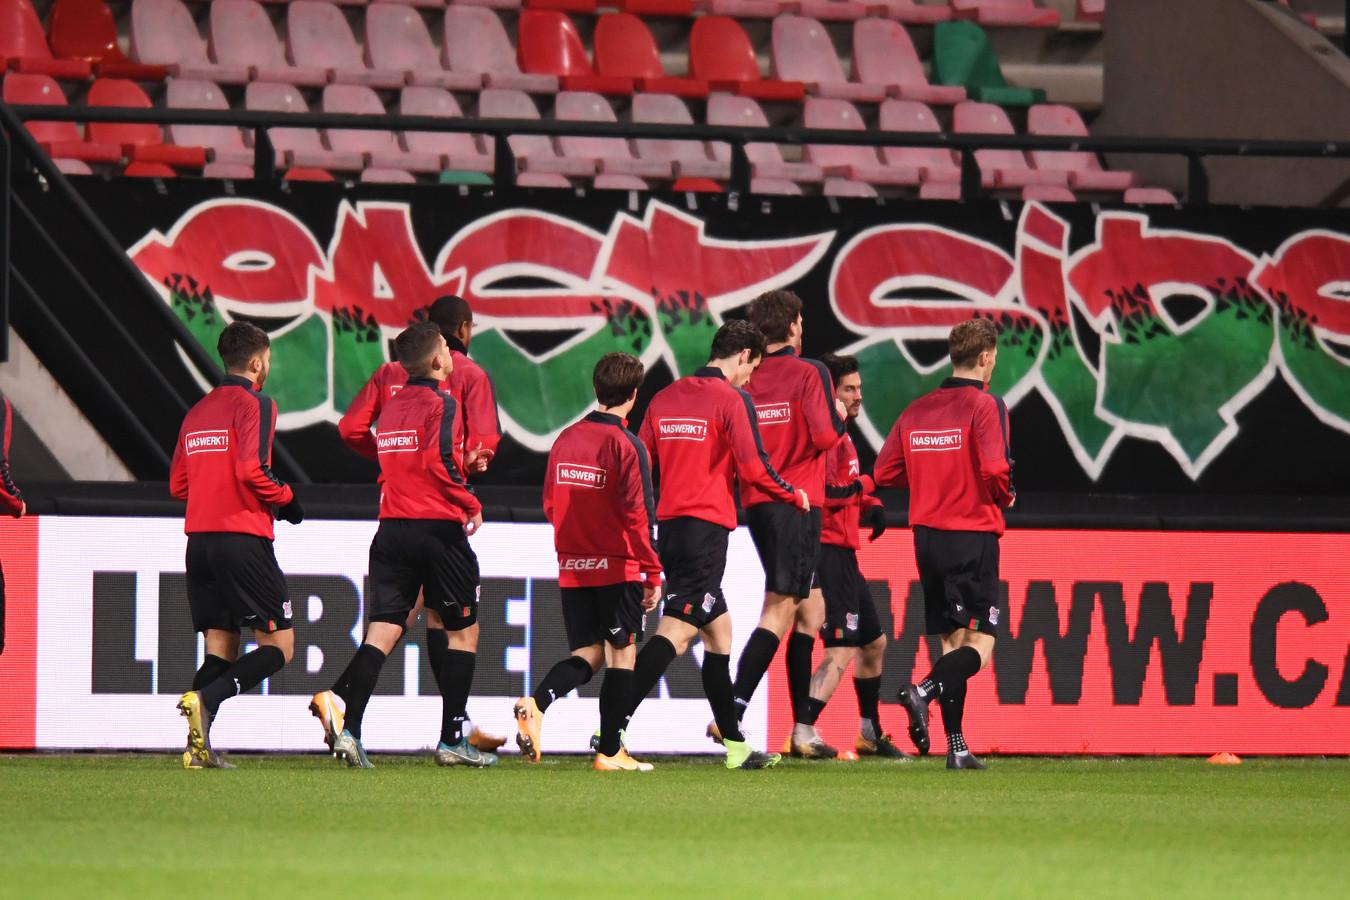 NEC-spelers warmen op in een leeg stadion.